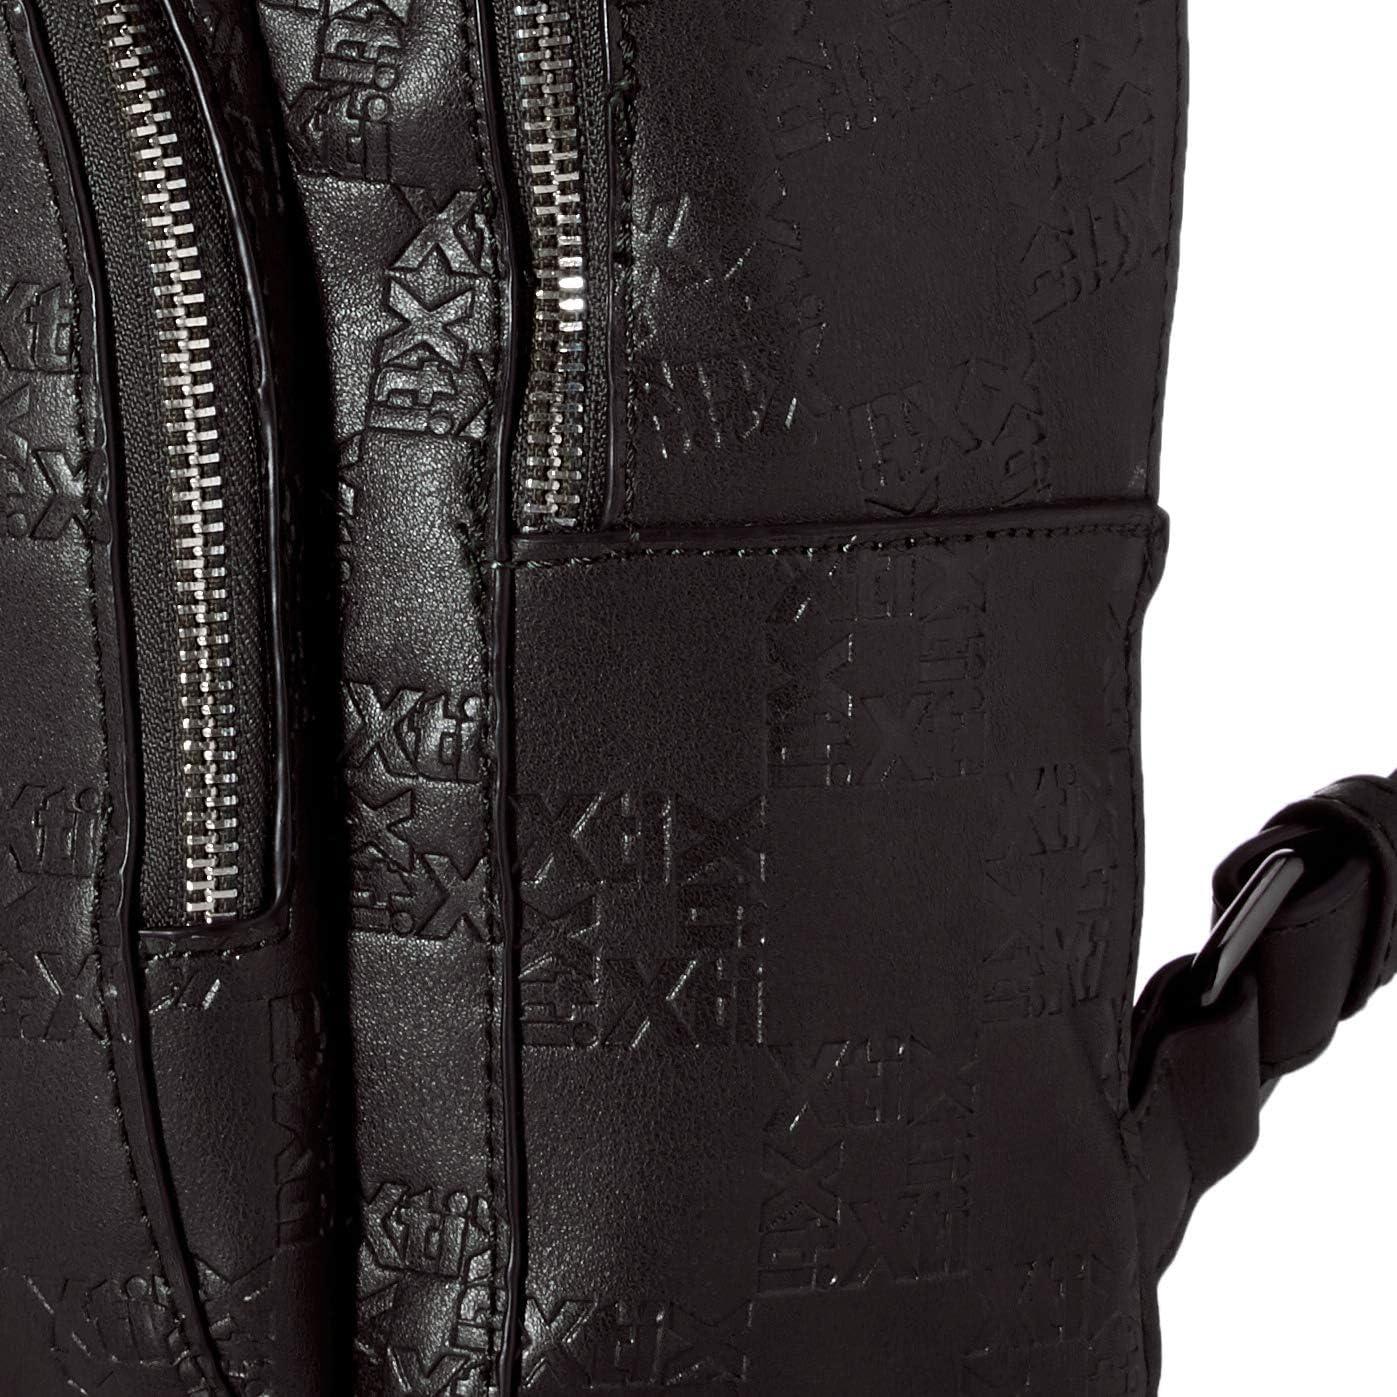 XTI 86141 Bolso mochila para Mujer W x H x L 23x30x10 cm